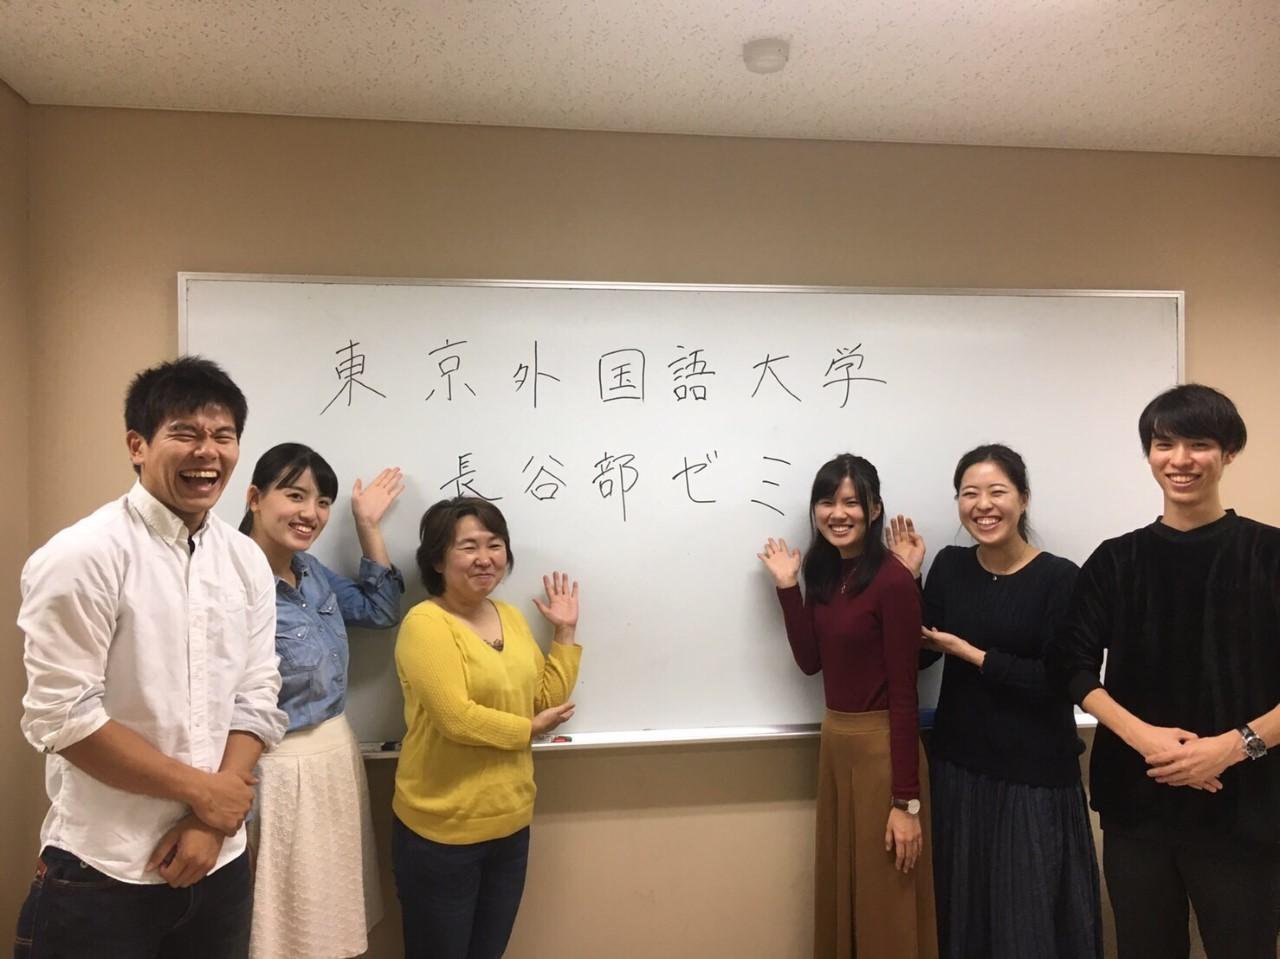 東京外国語大学のプレゼンチーム